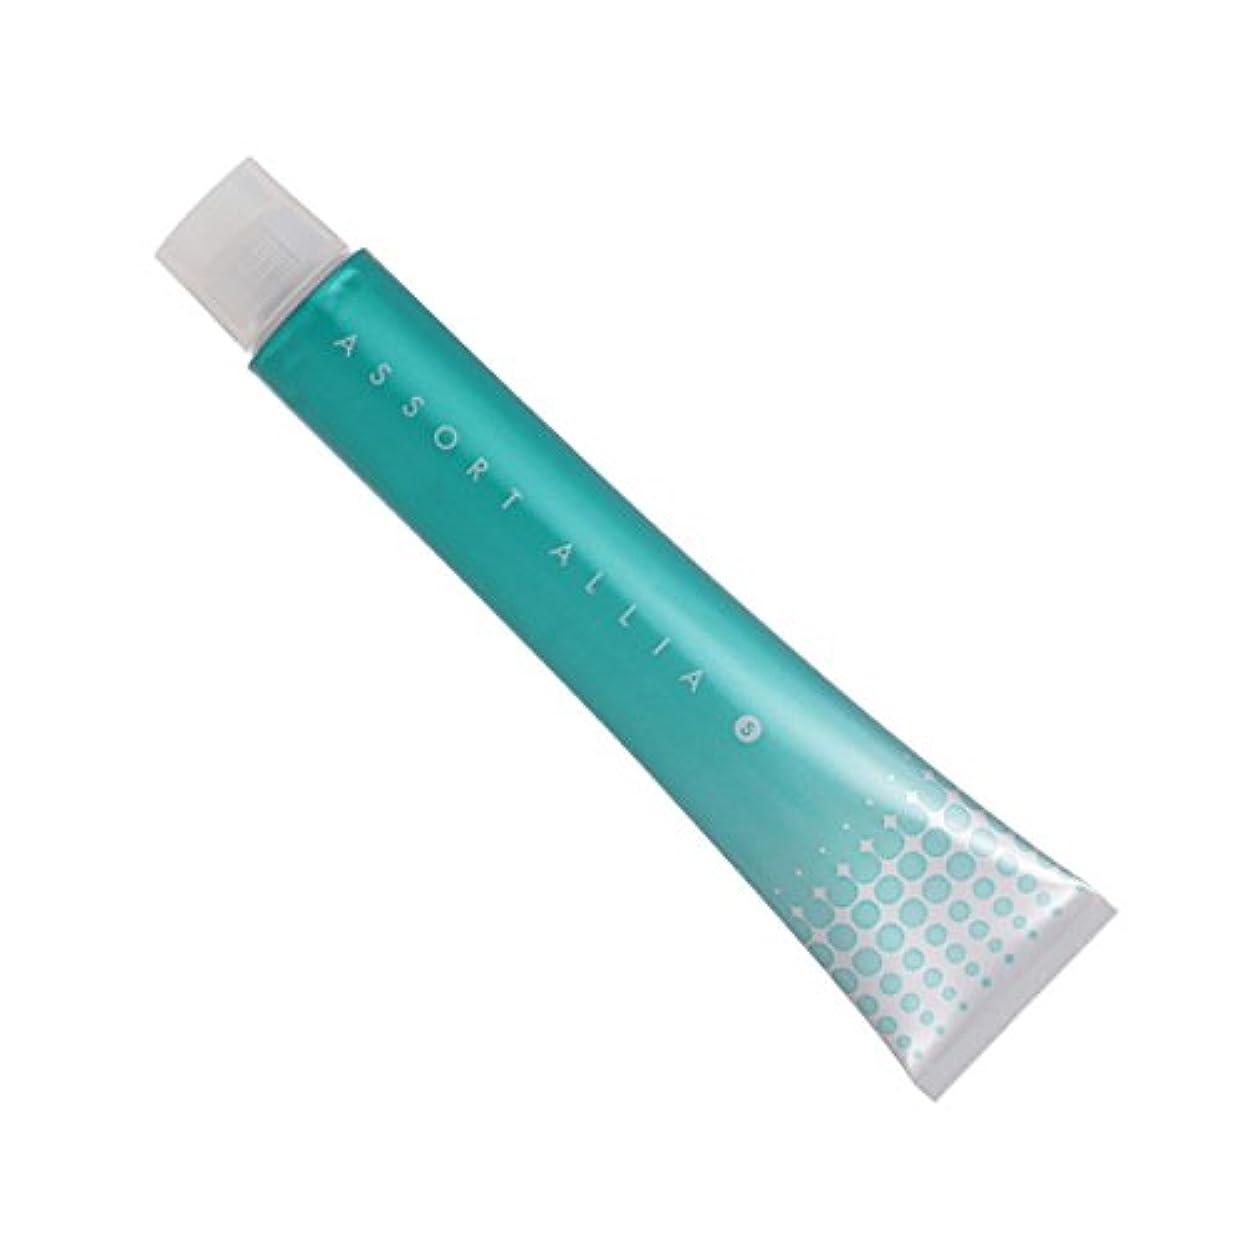 収容するやさしく感動するデミ アソートアリアS キャメルベージュ 80g(カラー1剤) 12/11CaB